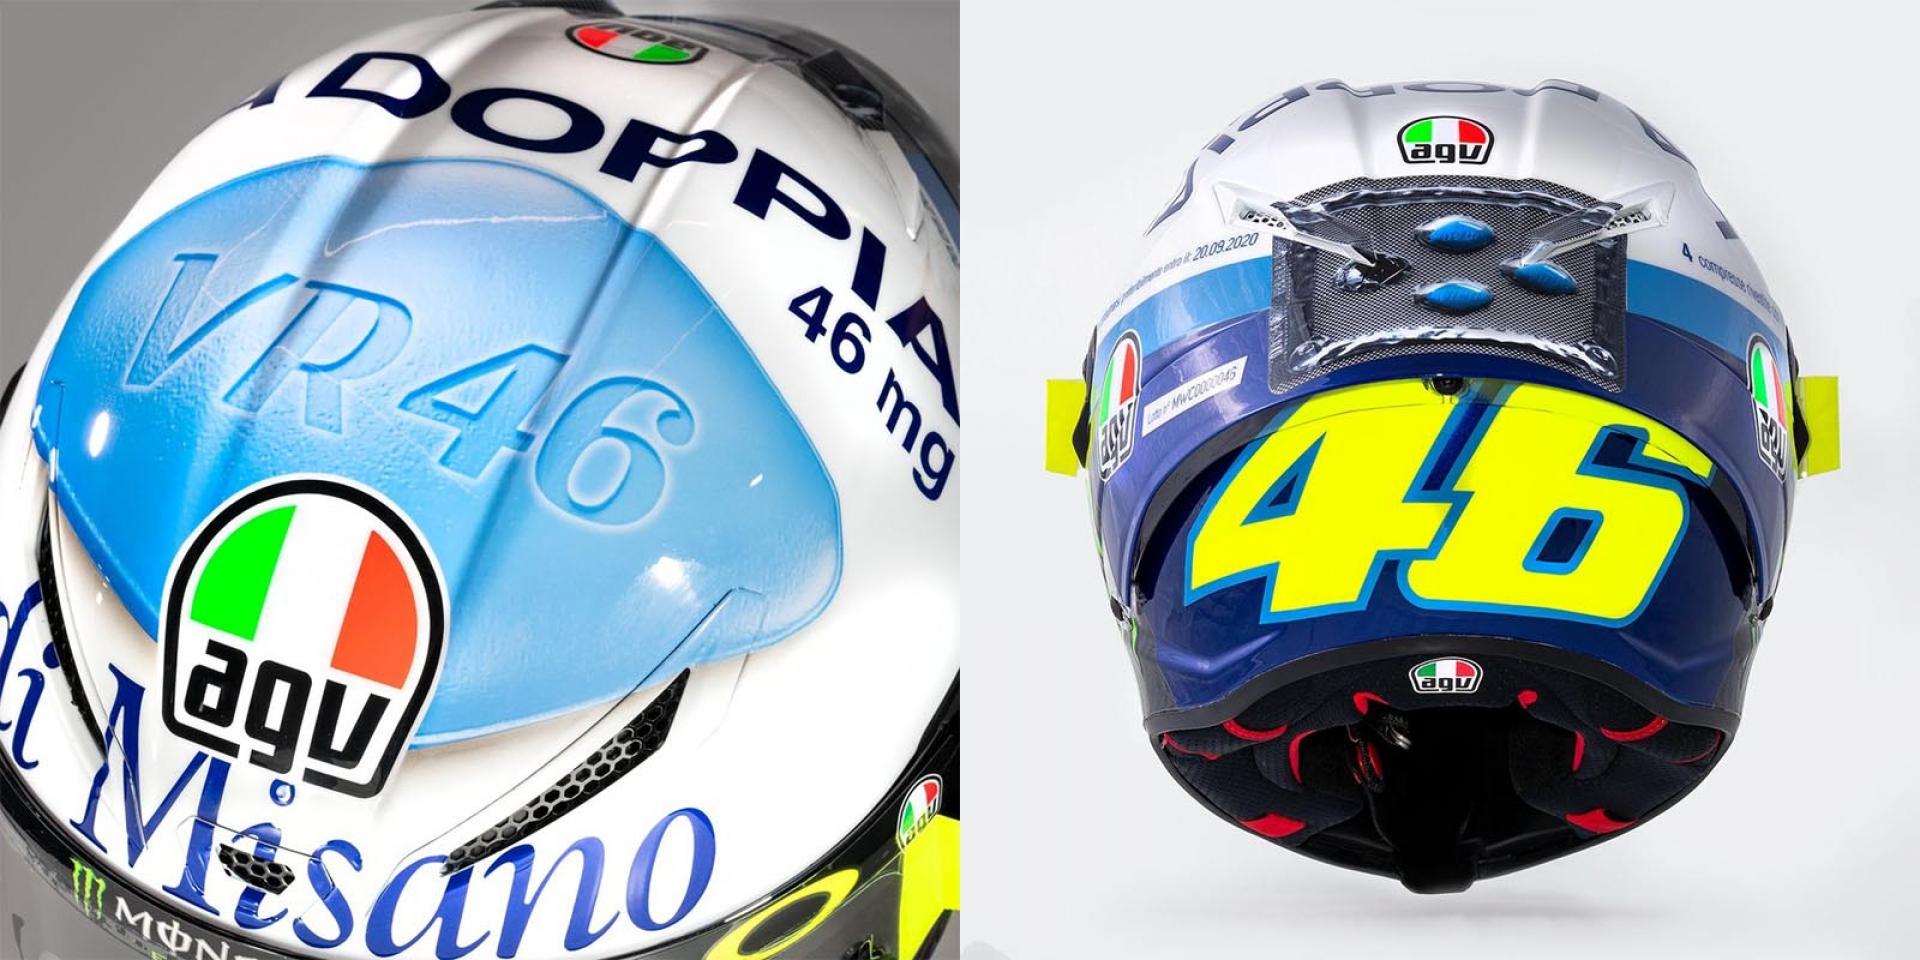 今晚,我想來點厲害的!Valentino Rossi 2020威而鋼彩繪安全帽 市售確定